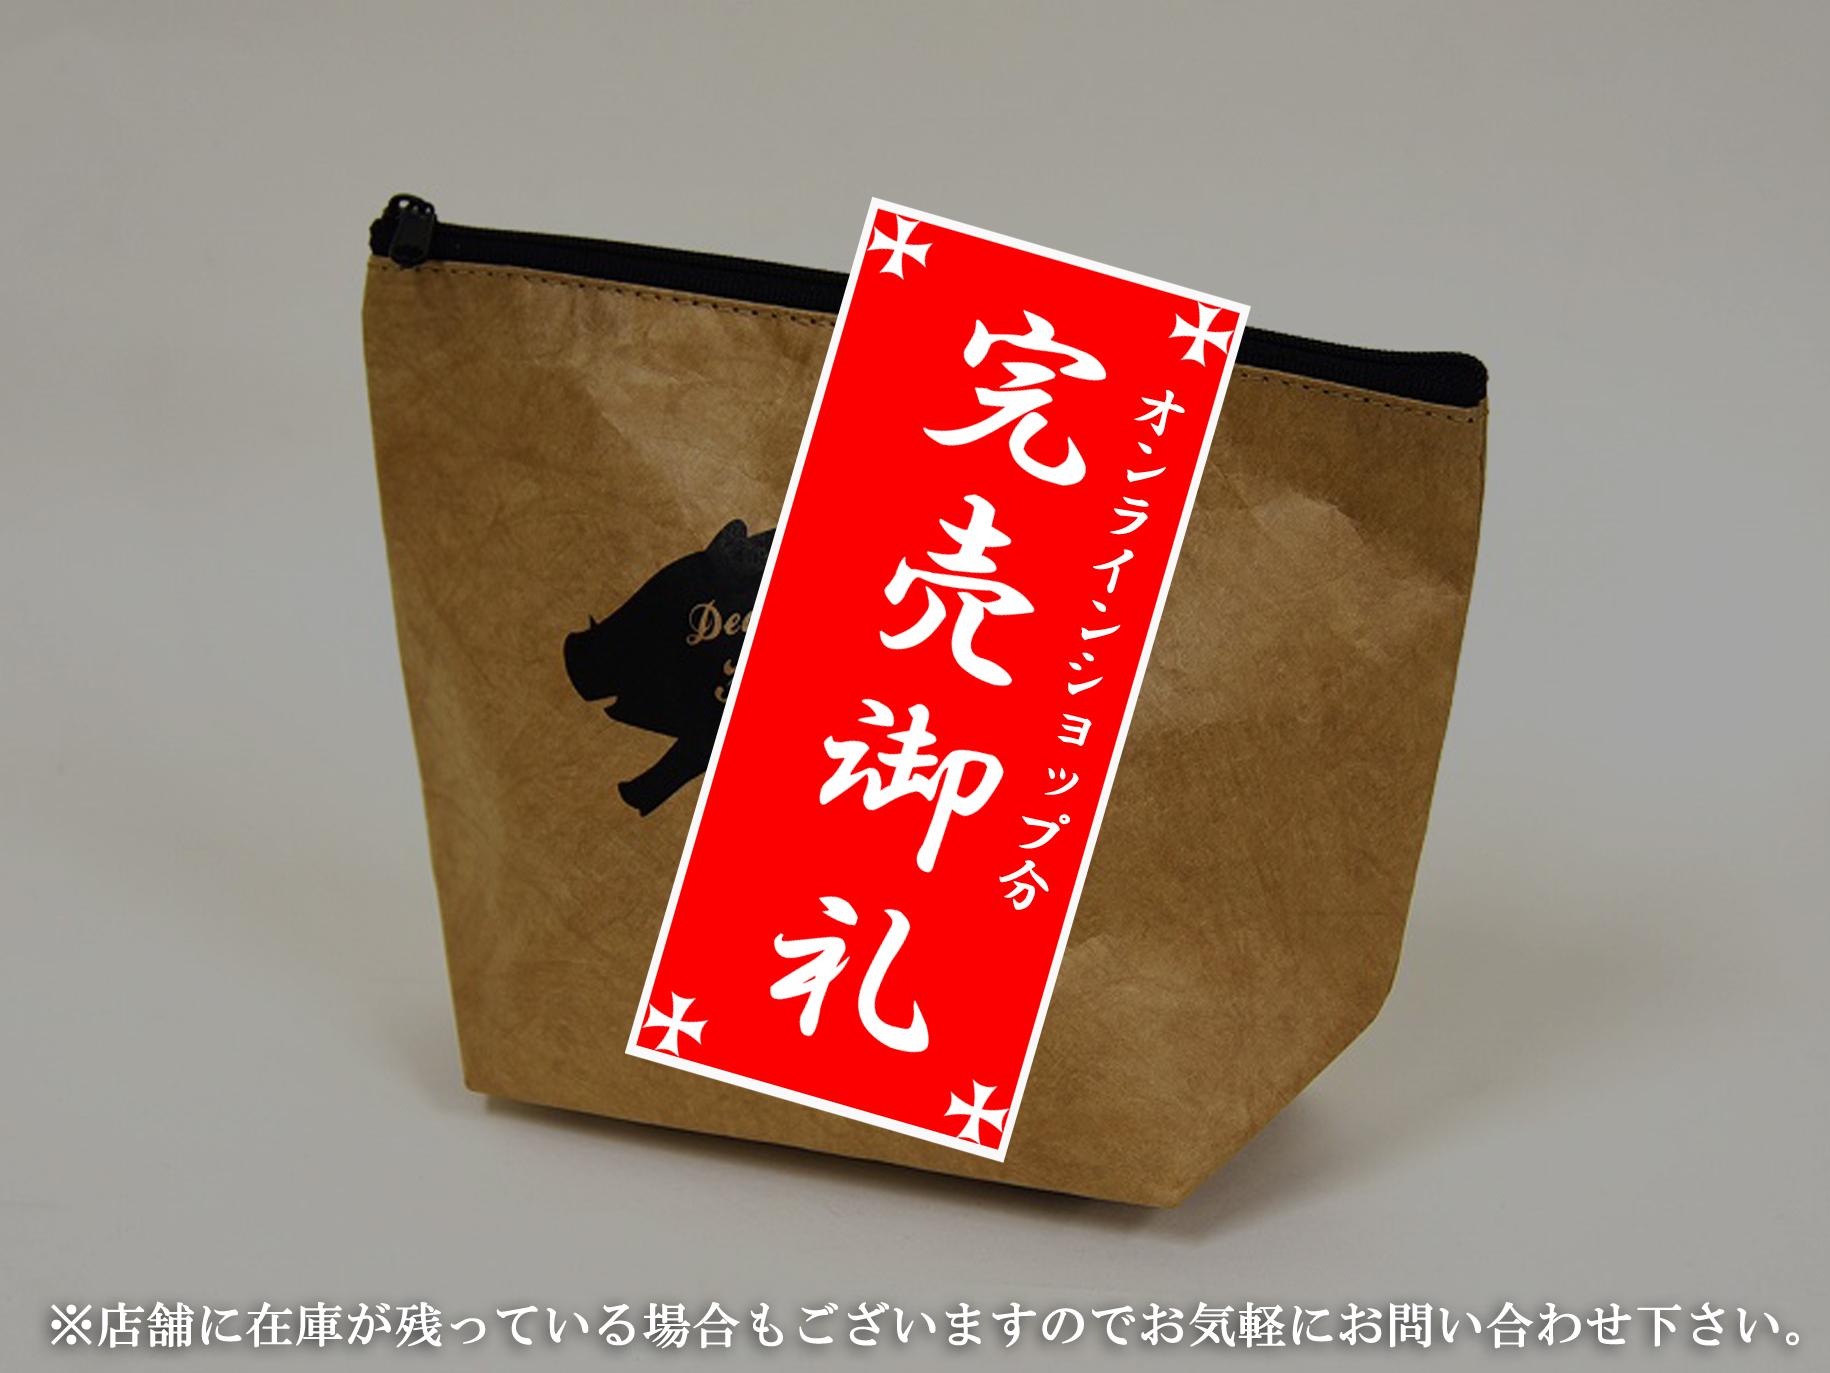 2019年 新春福袋 10万円